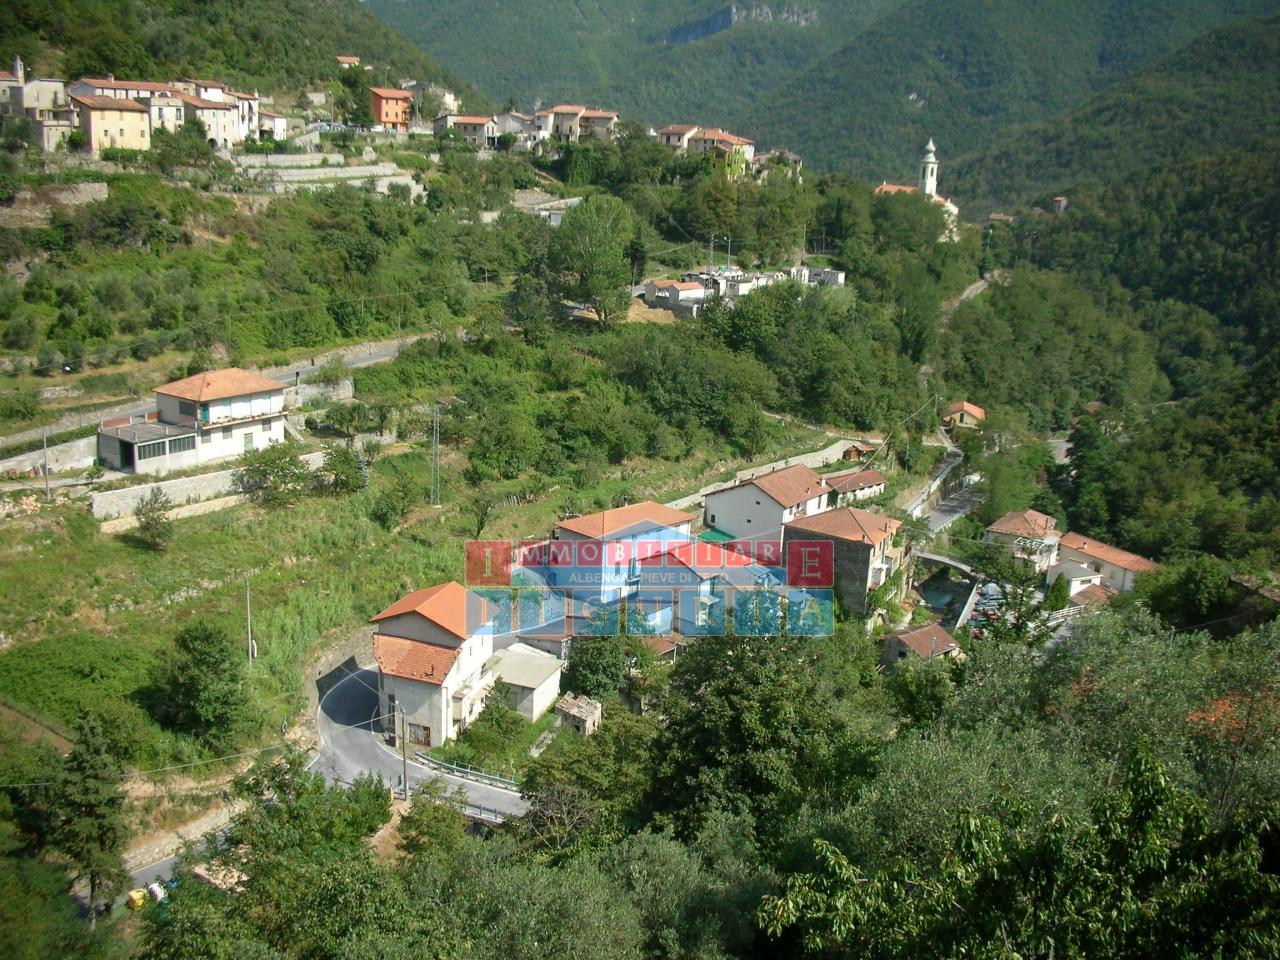 Appartamento in vendita a Nasino, 3 locali, zona Zona: Costa, prezzo € 40.000 | Cambio Casa.it